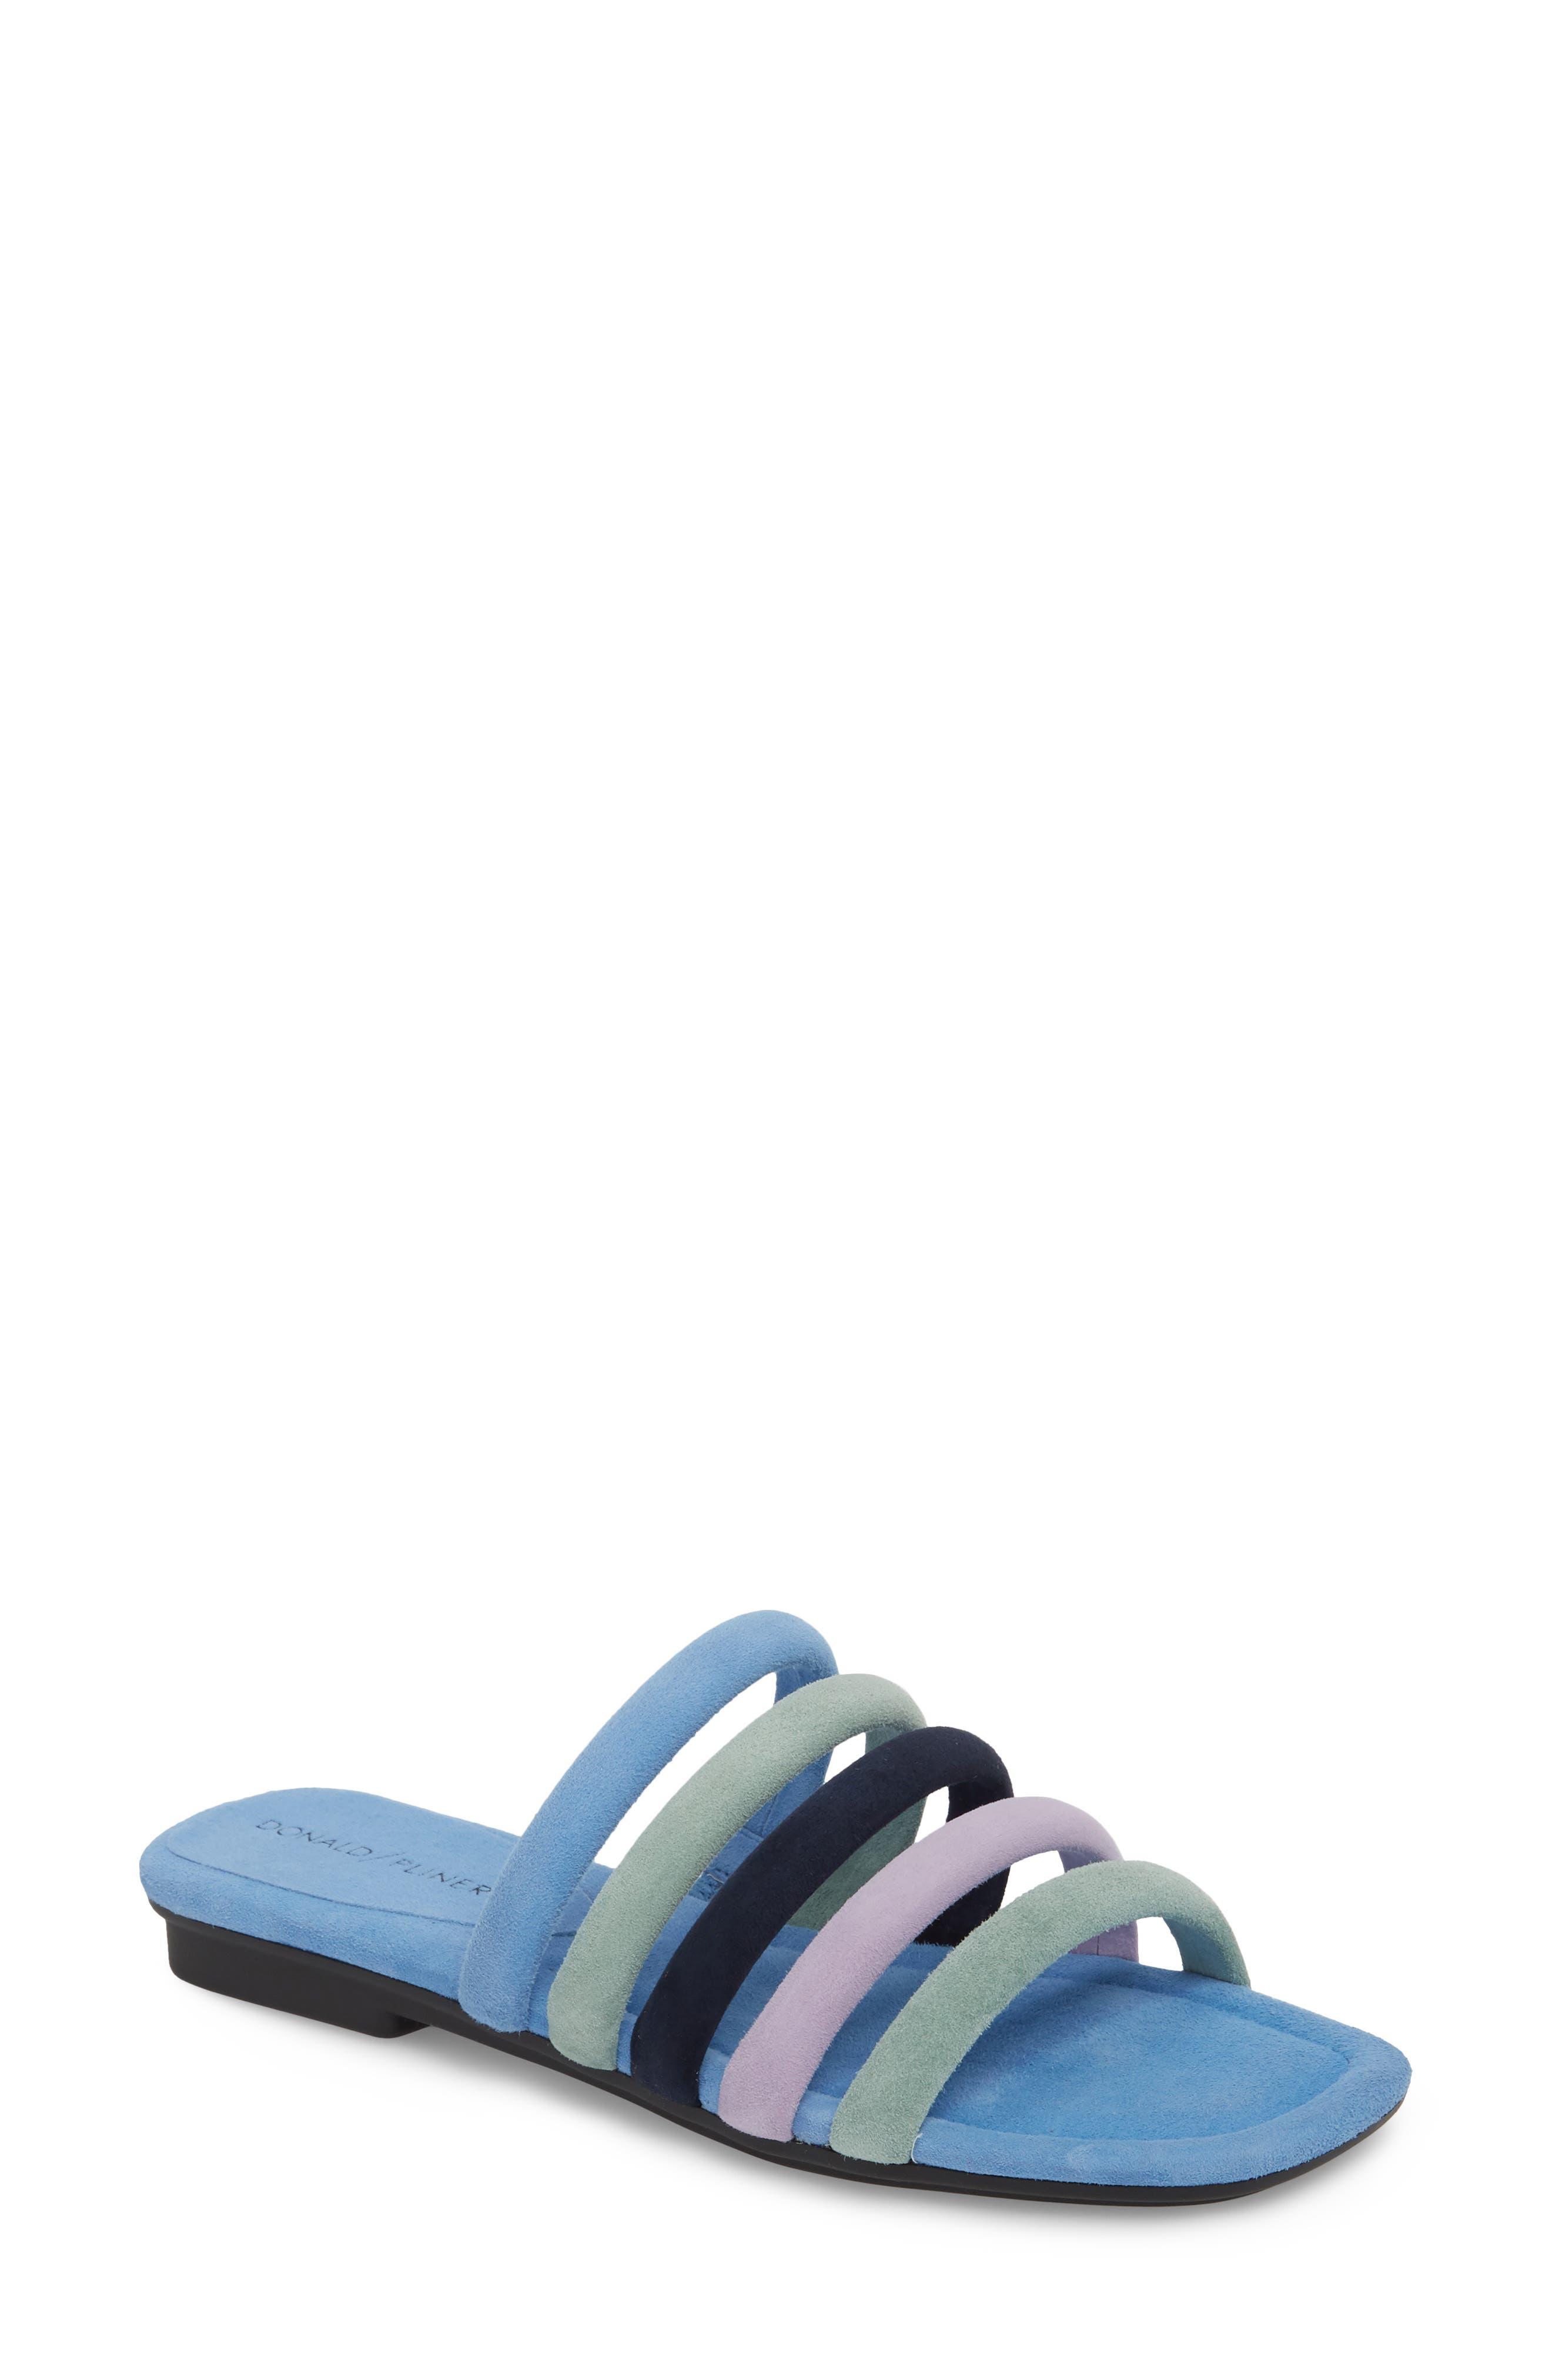 Kip Slide Sandal,                         Main,                         color, Sage/ Blue Leather